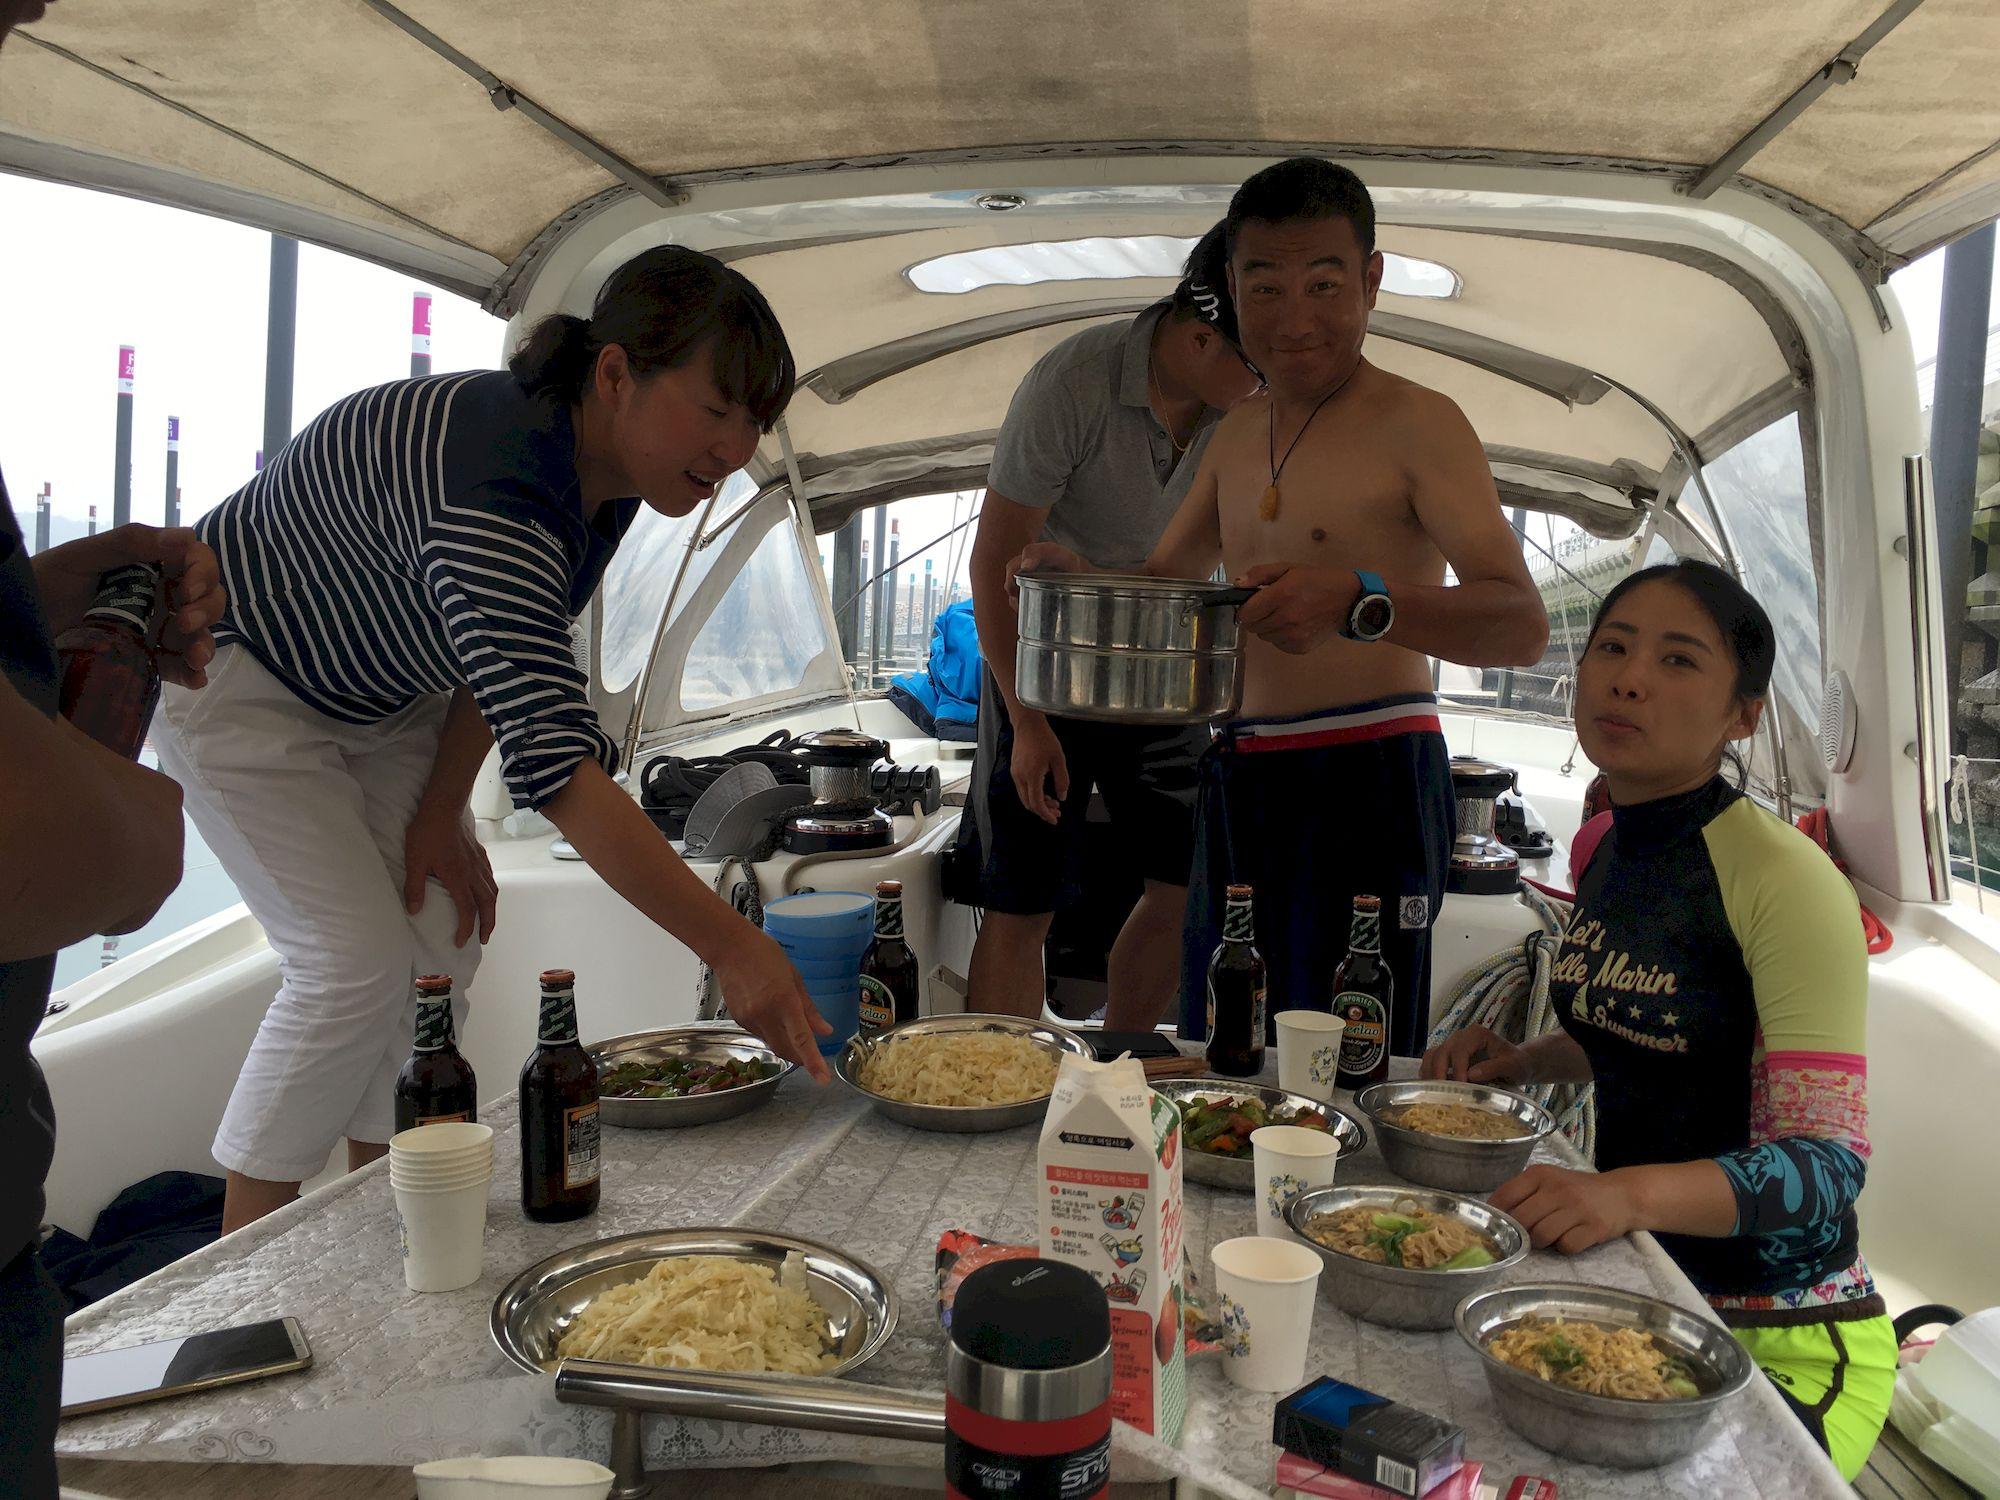 新西兰,跆拳道,俱乐部,拉力赛,青岛 向着太阳升起的地方出发:记第一次跨国远航-千航帆船-51航海网队-2016威海仁川 028-IMG_3340_千帆俱乐部我要航海网帆船队-2016威海-仁川国际帆船赛.JPG